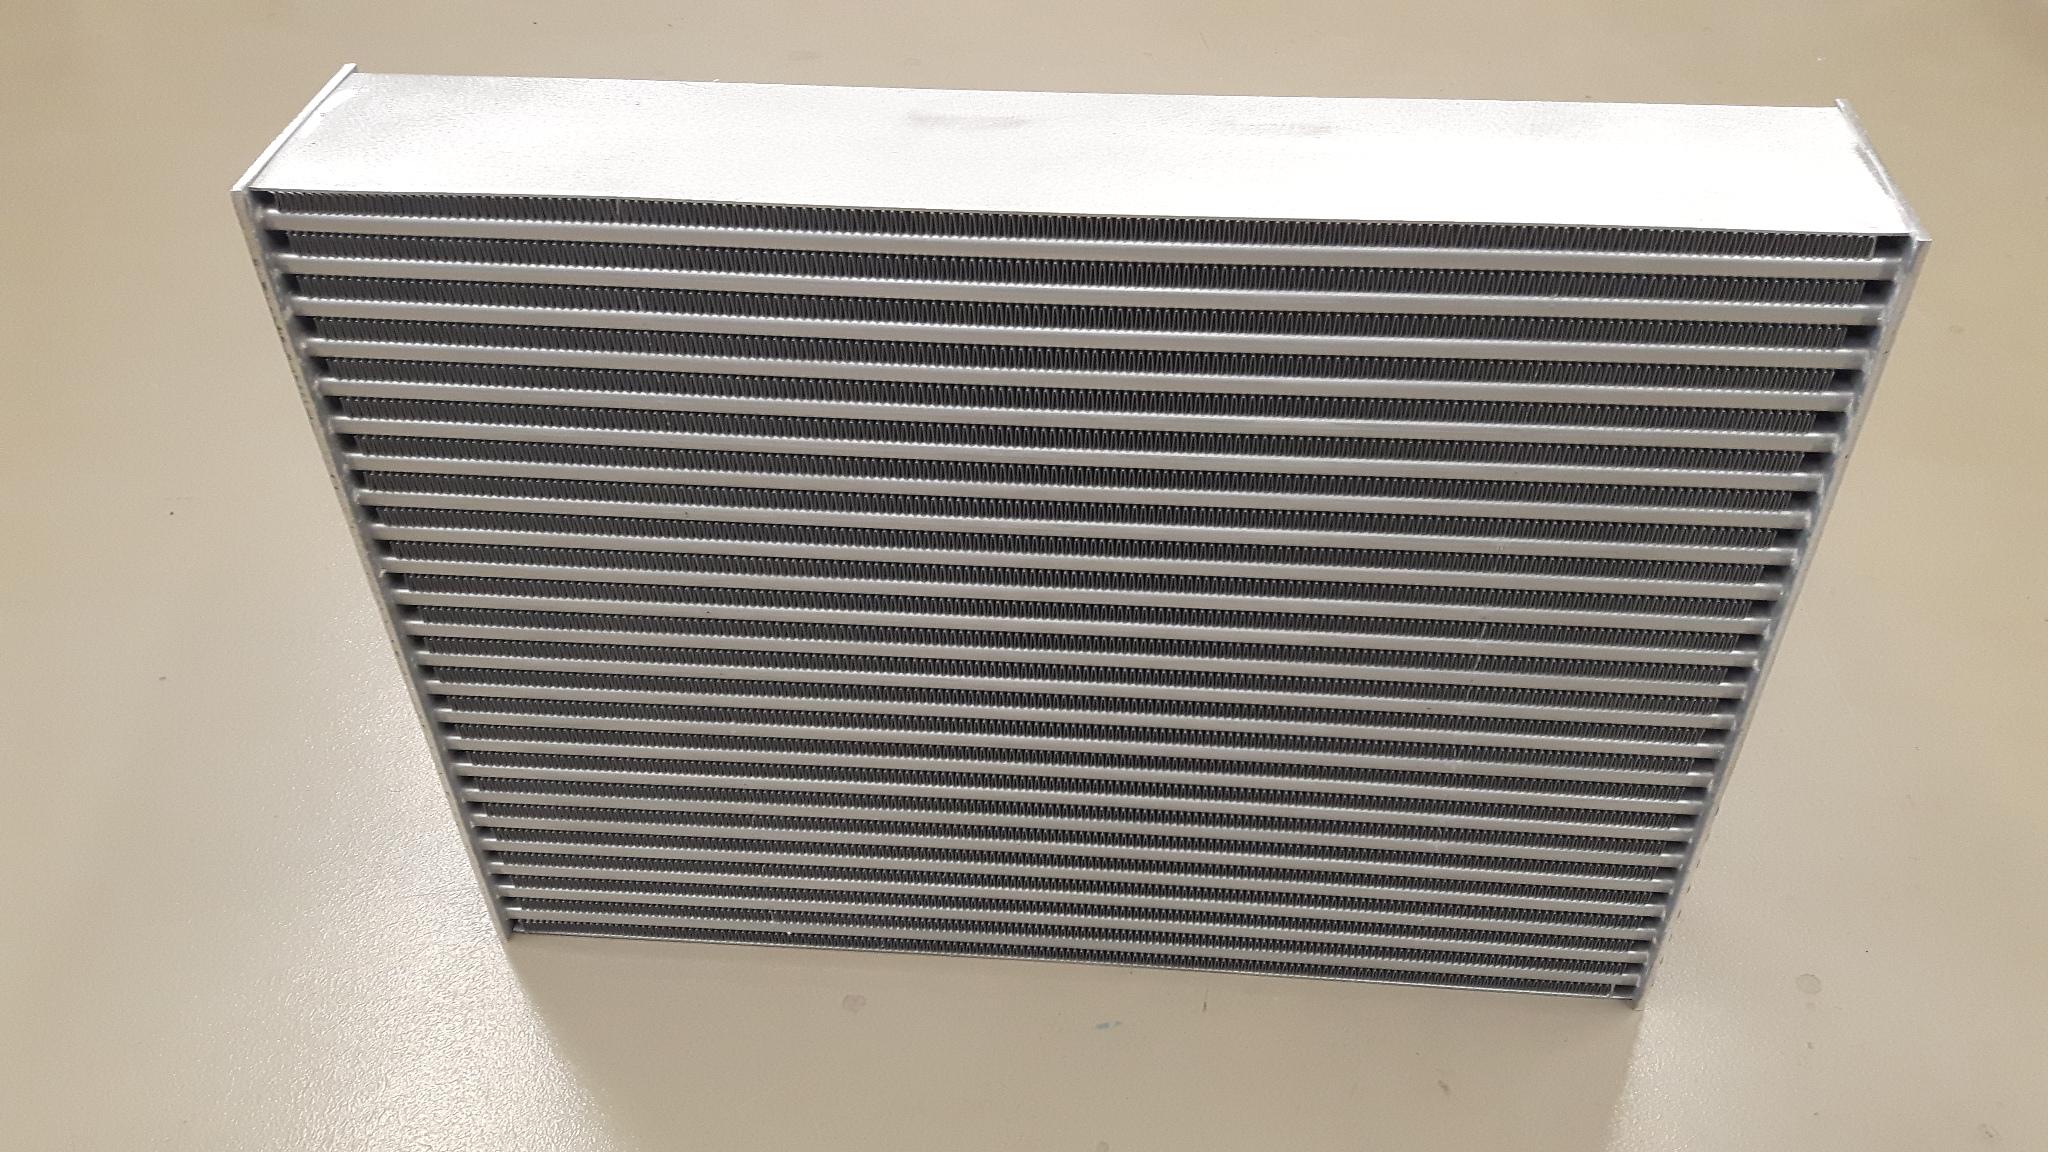 H&S speciaal intercooler koelblok 600 x 480 x 62-0